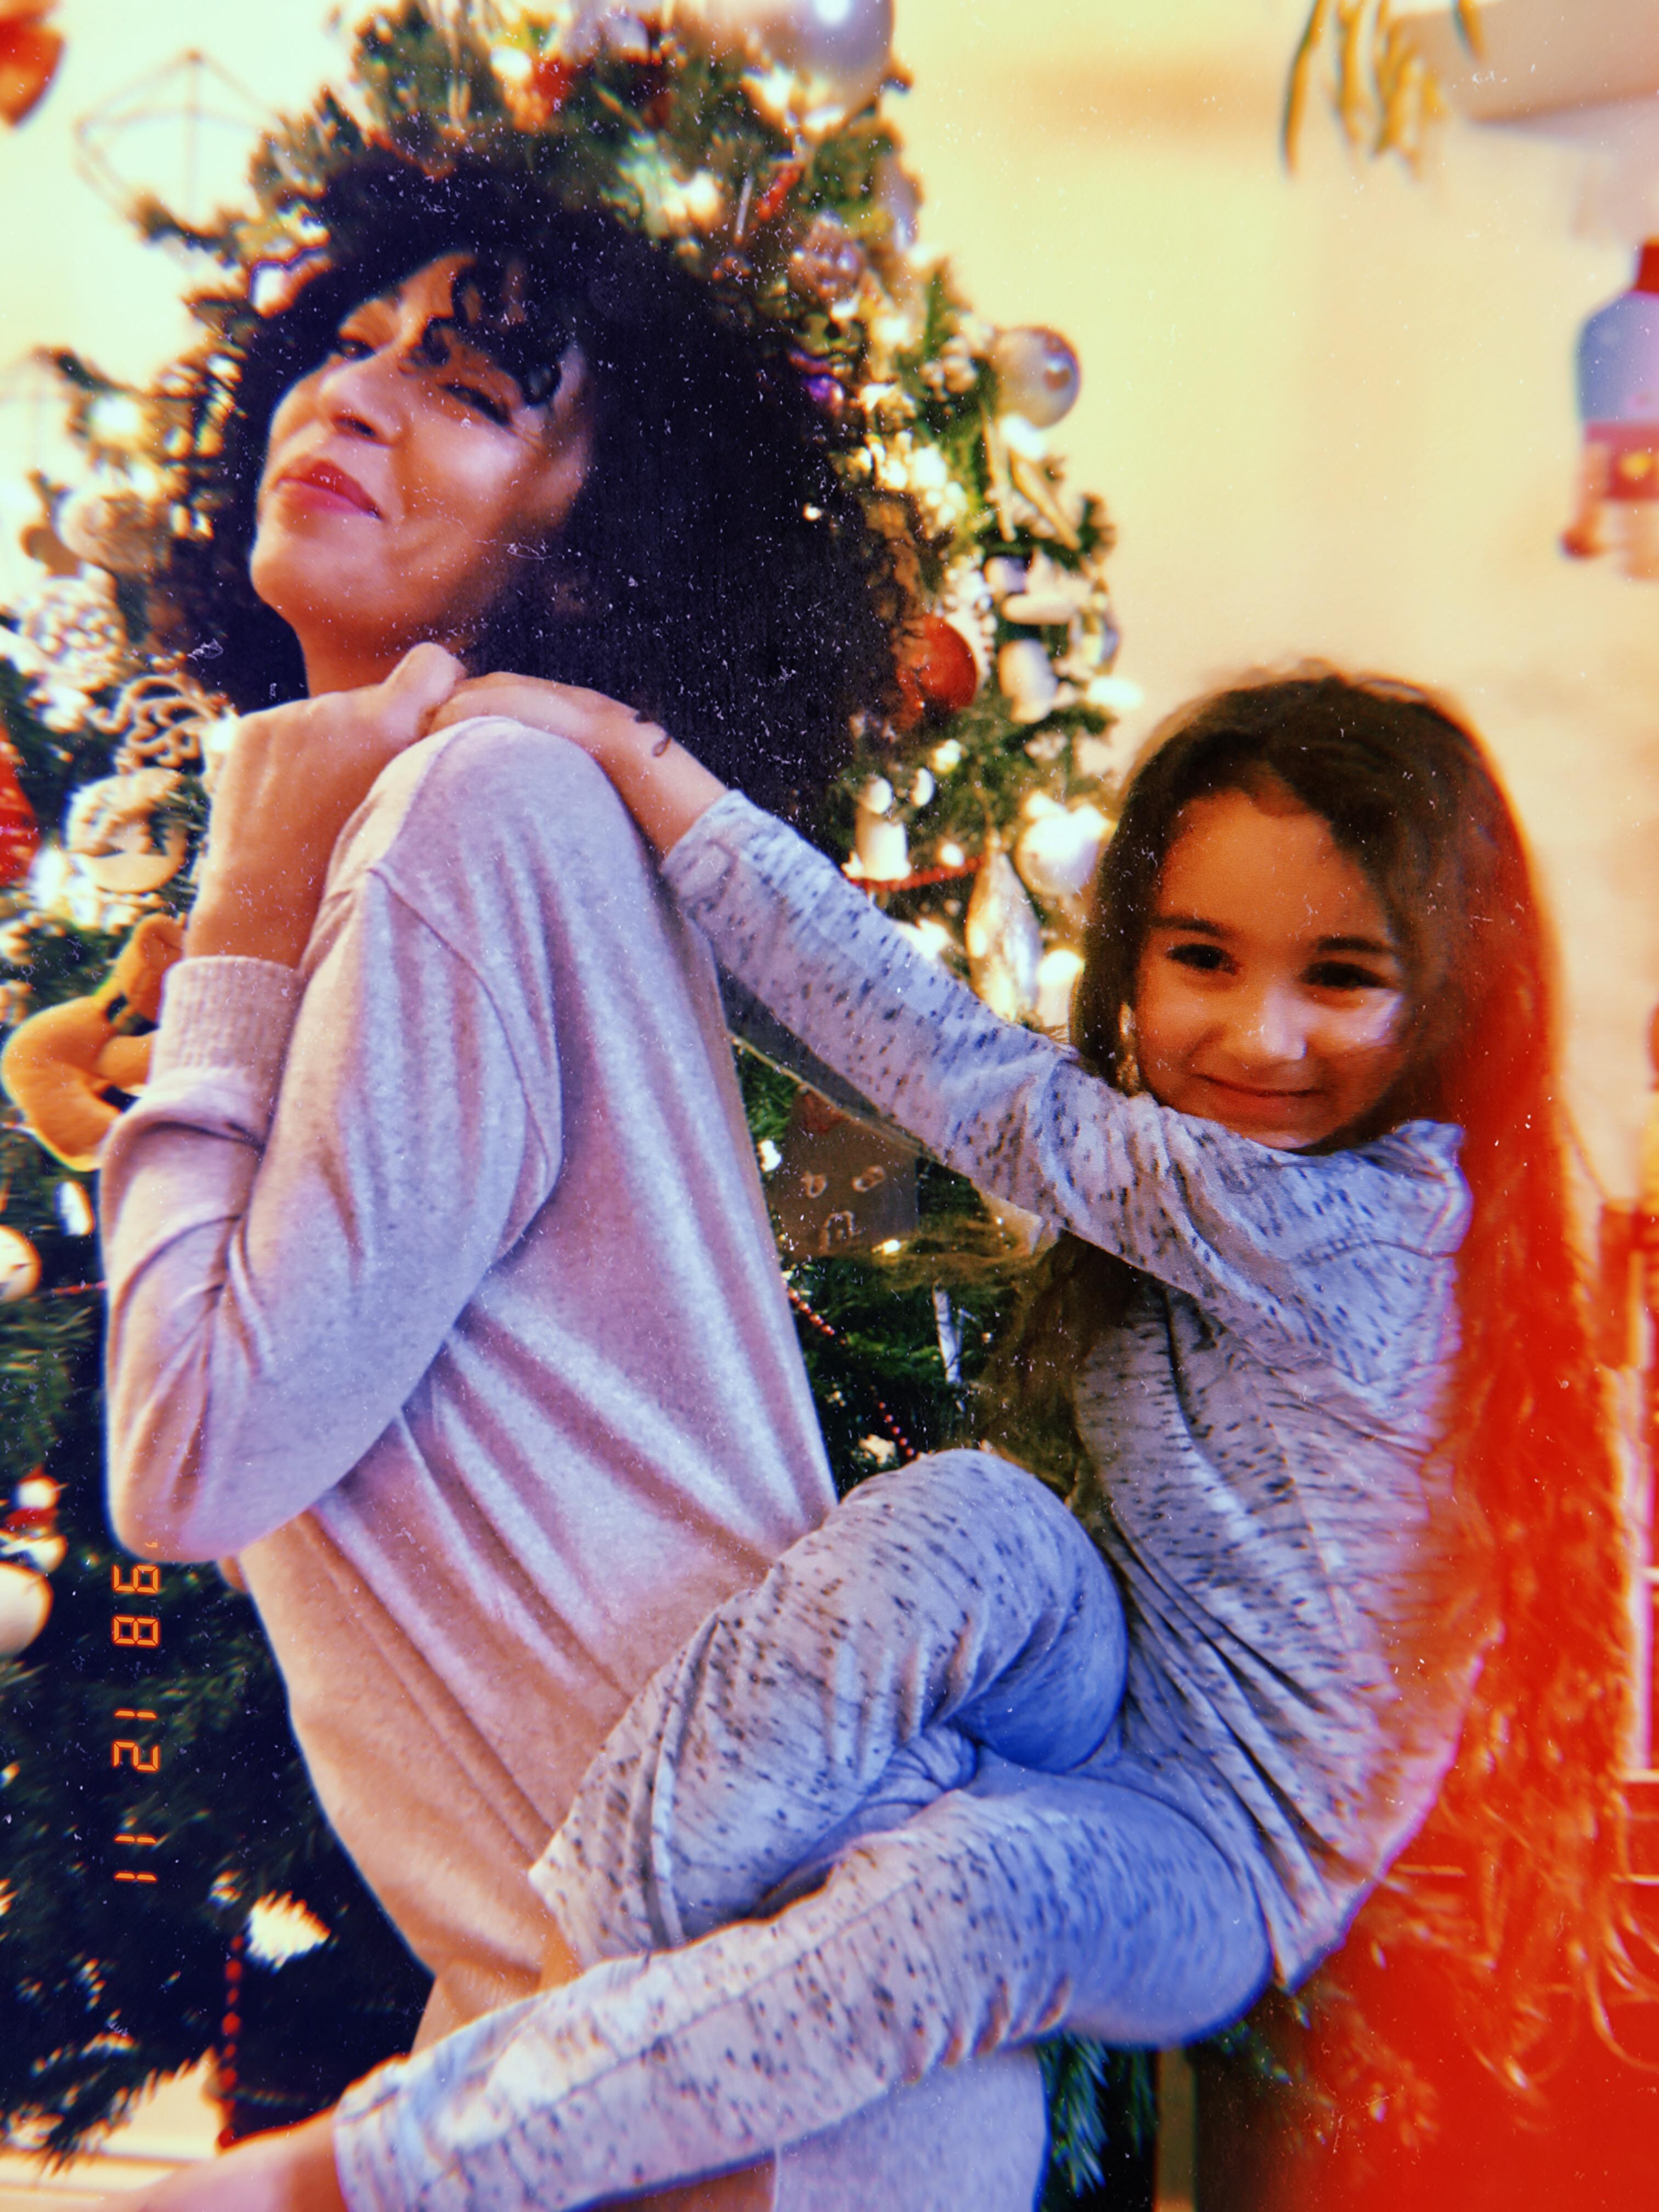 Cocooning avec les enfants à la maison ou l'indispensable pause pyjama